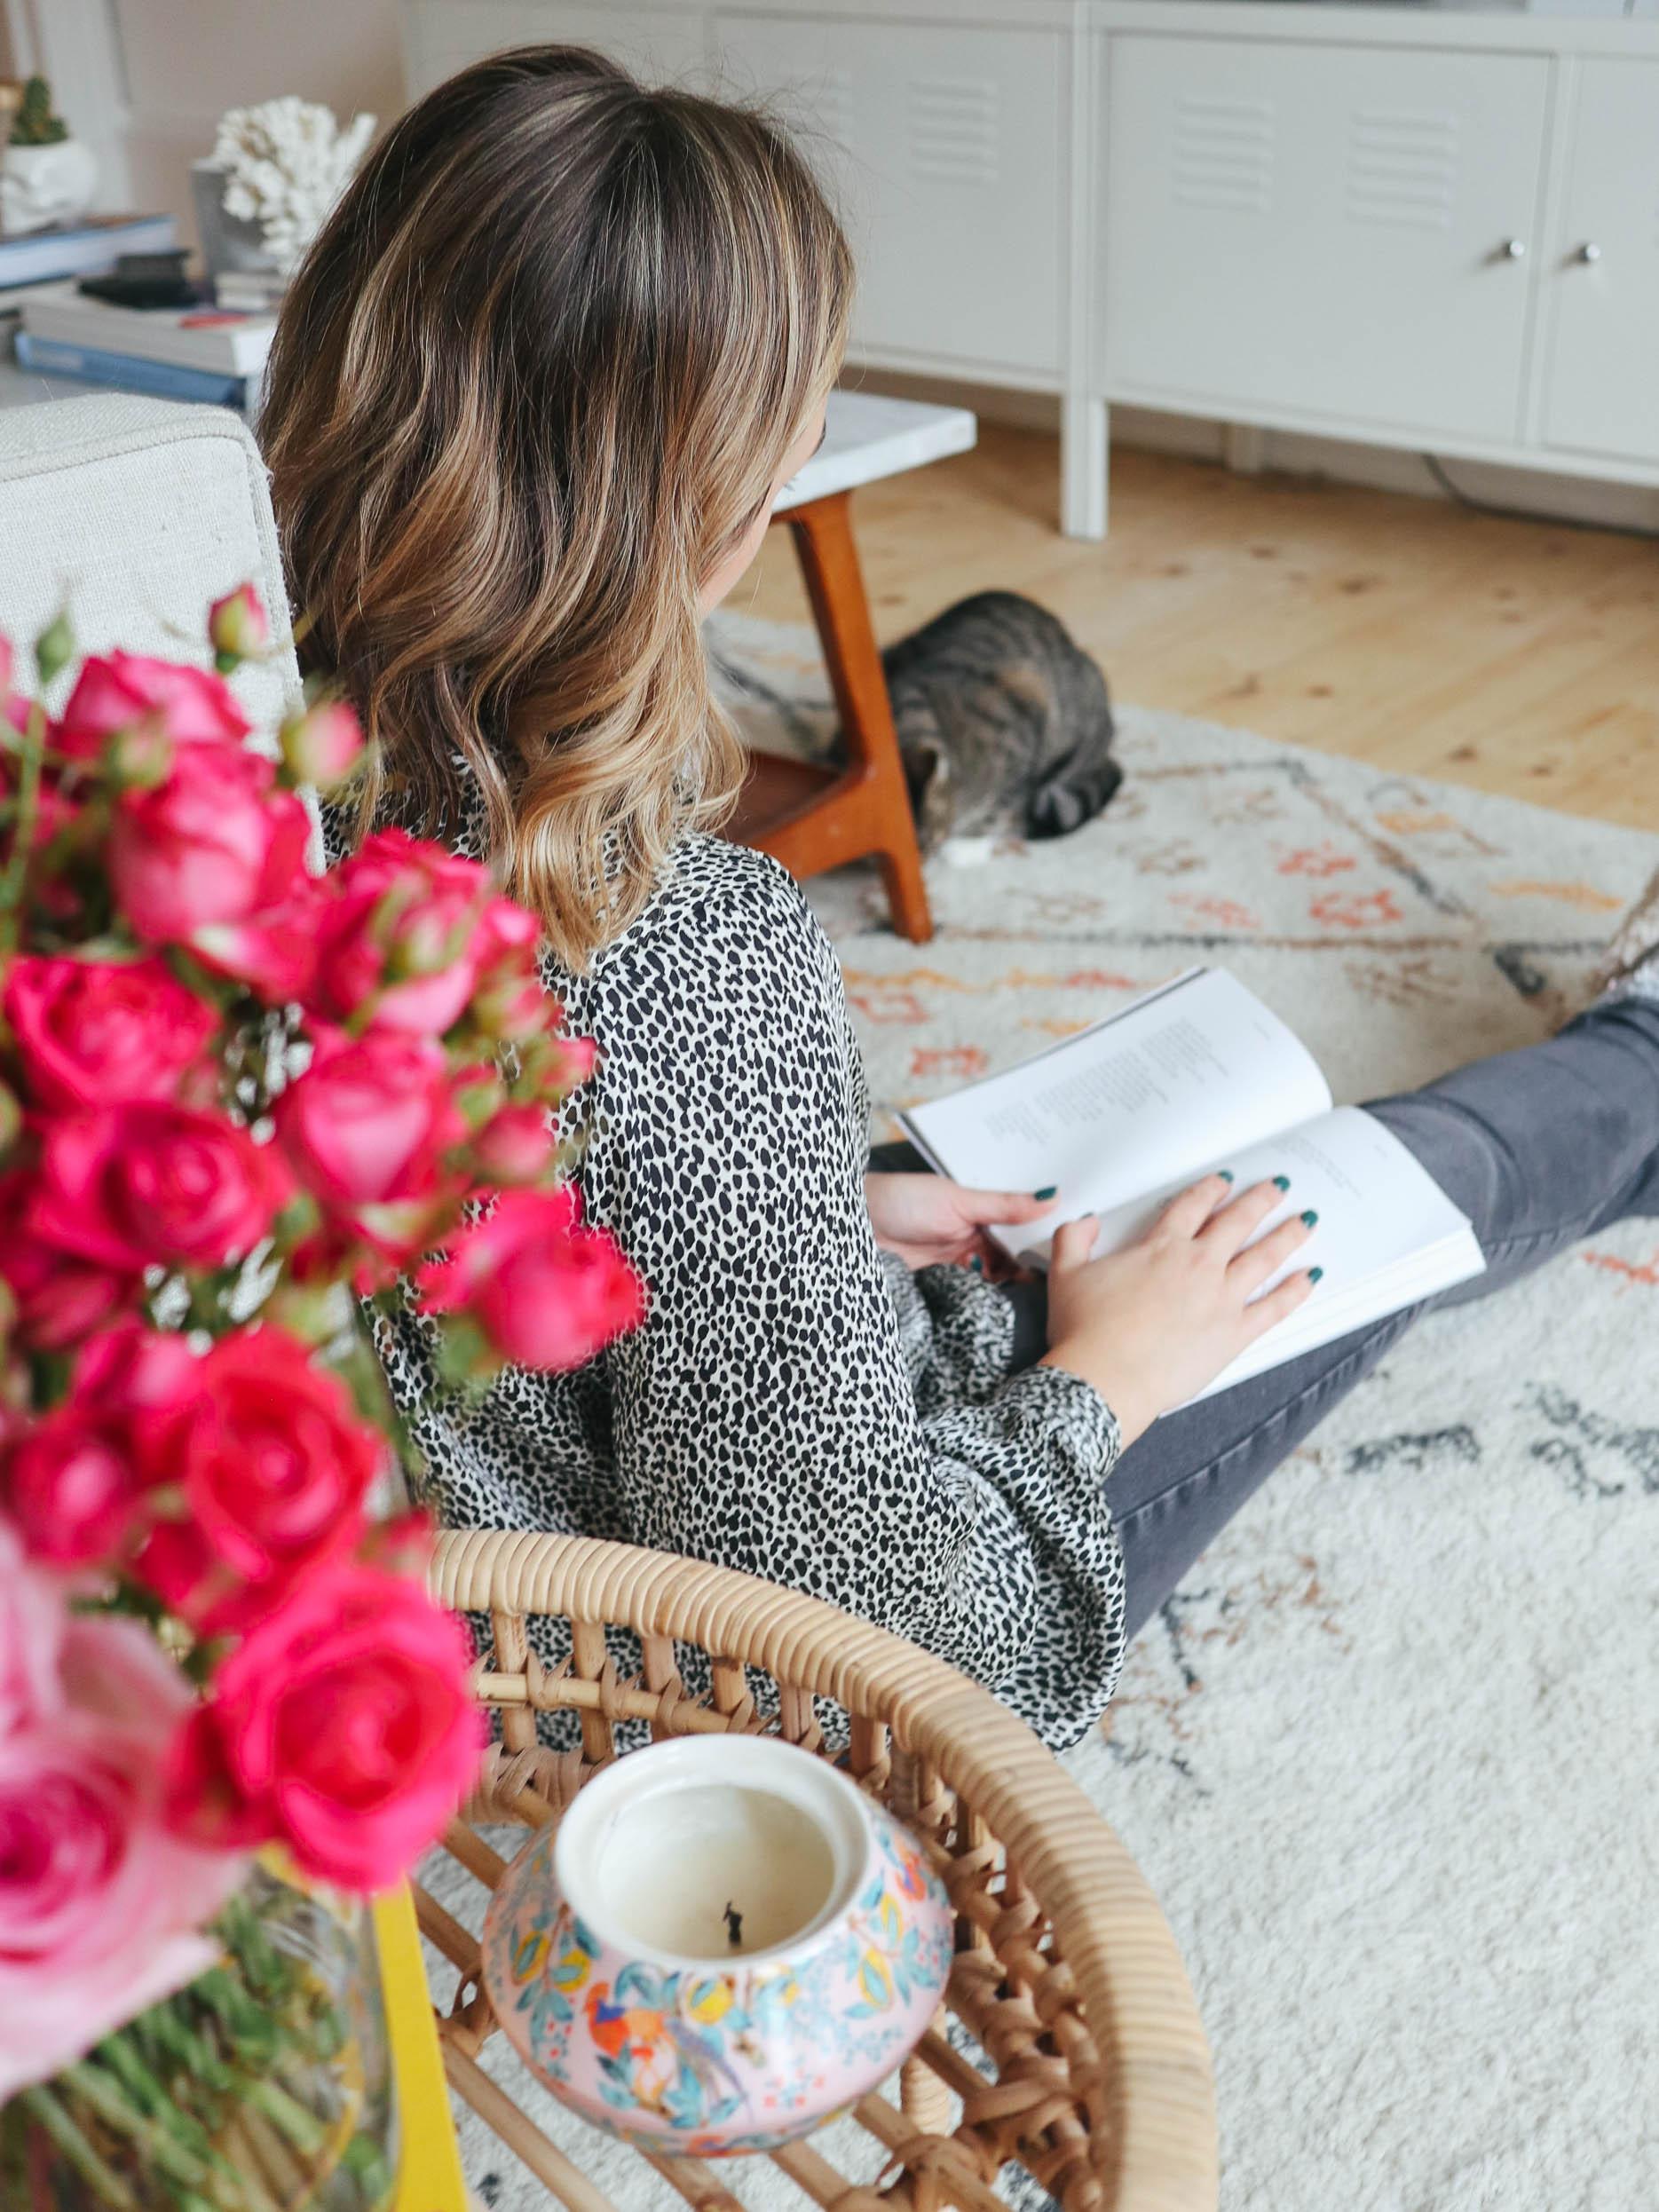 On My Reading List  - KATE LA VIE